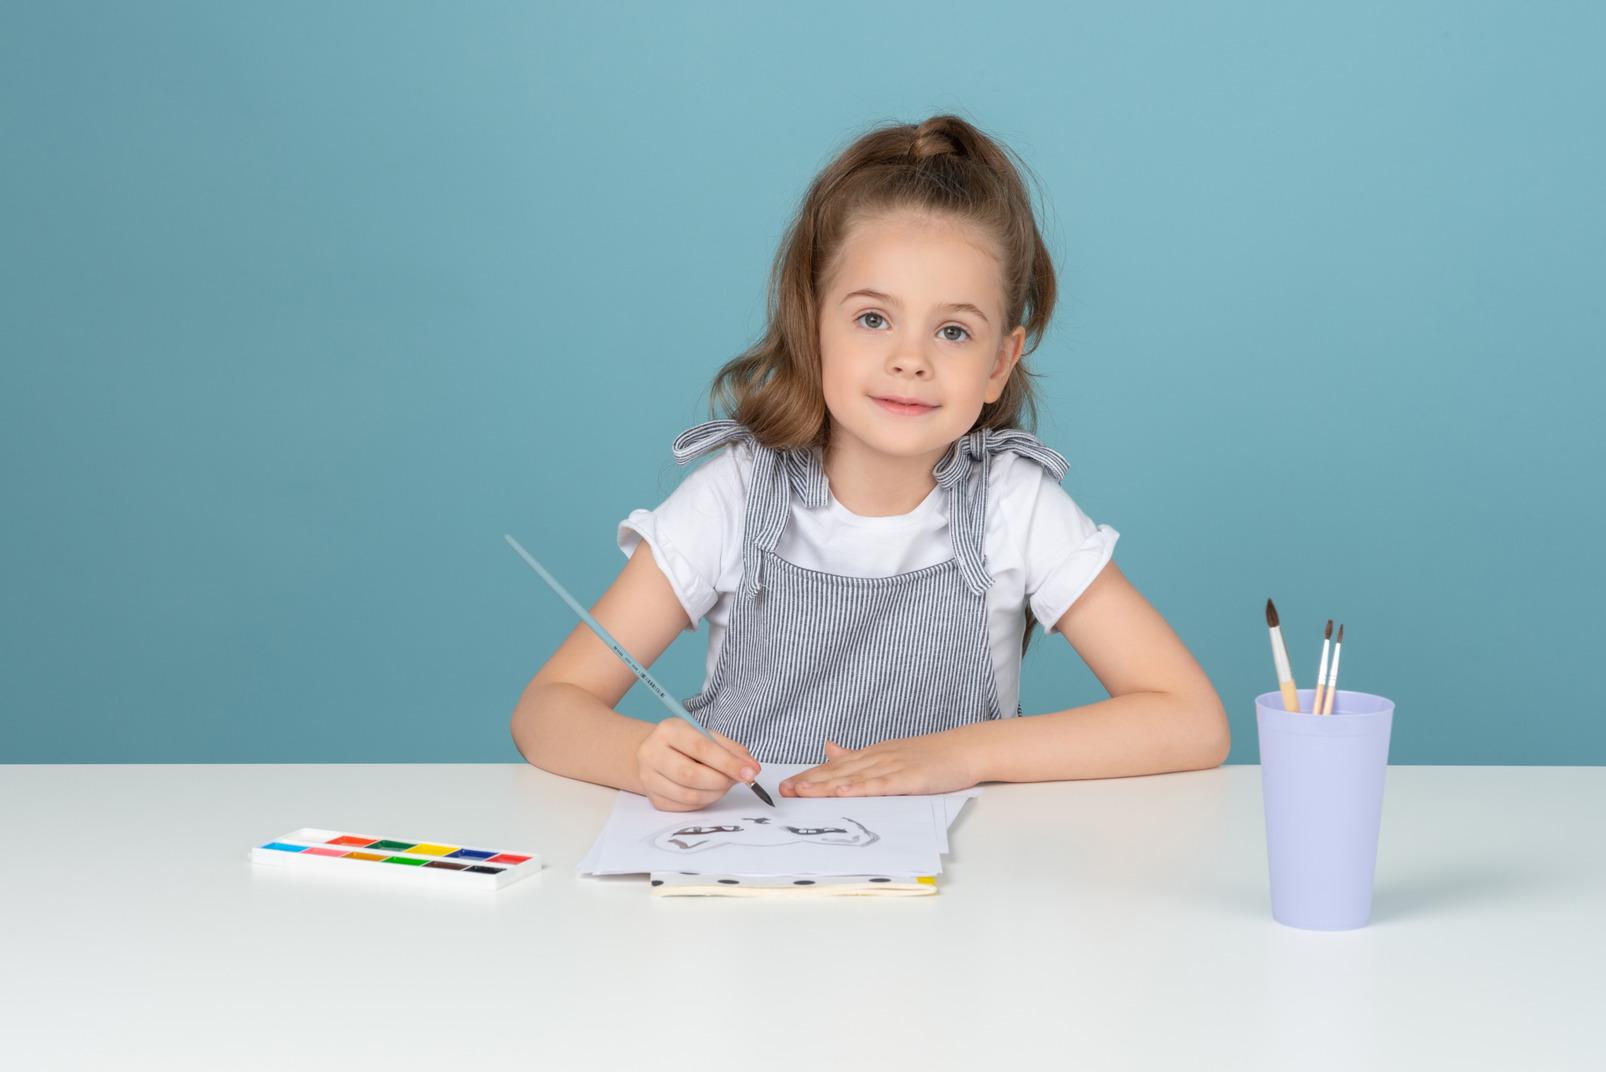 Süße kleine mädchen malen mit wasserfarben